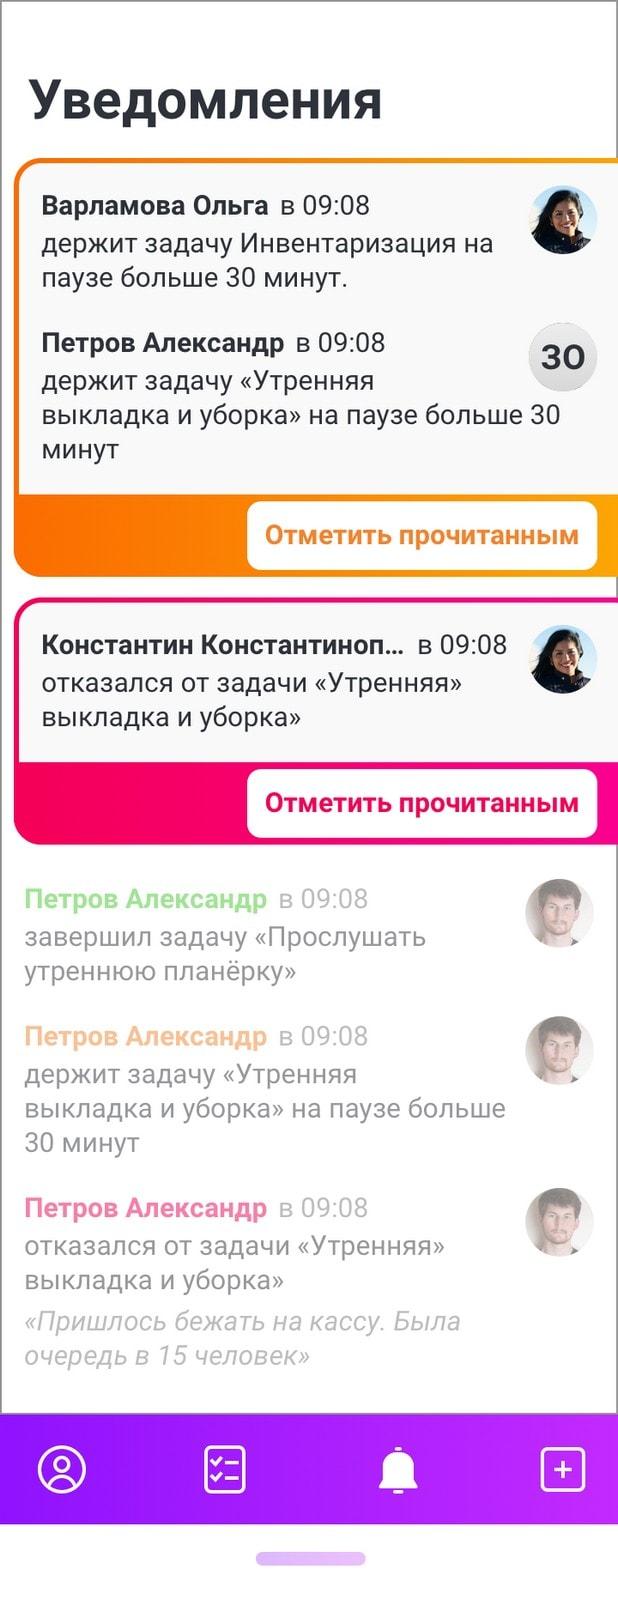 11_уведомления